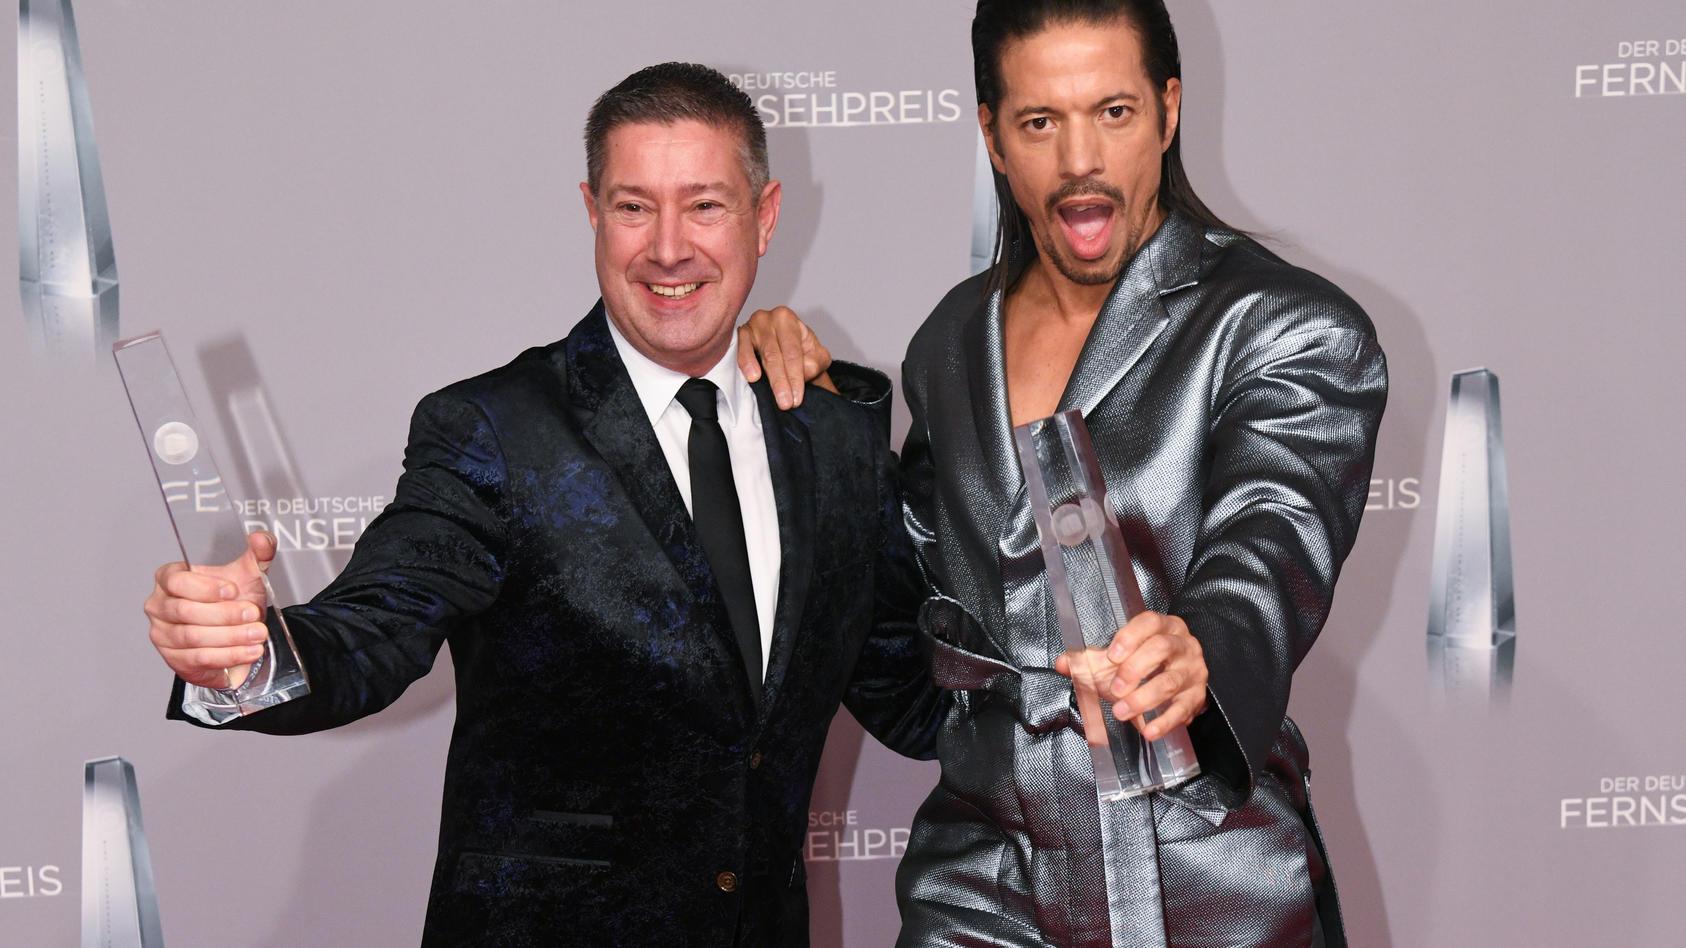 """Volle Punktzahl für """"Let's Dance""""! Joachim Llambi und Jorge Gonzalez freuen über die Auszeichnung in der Kategorie beste Unterhaltung Primetime"""